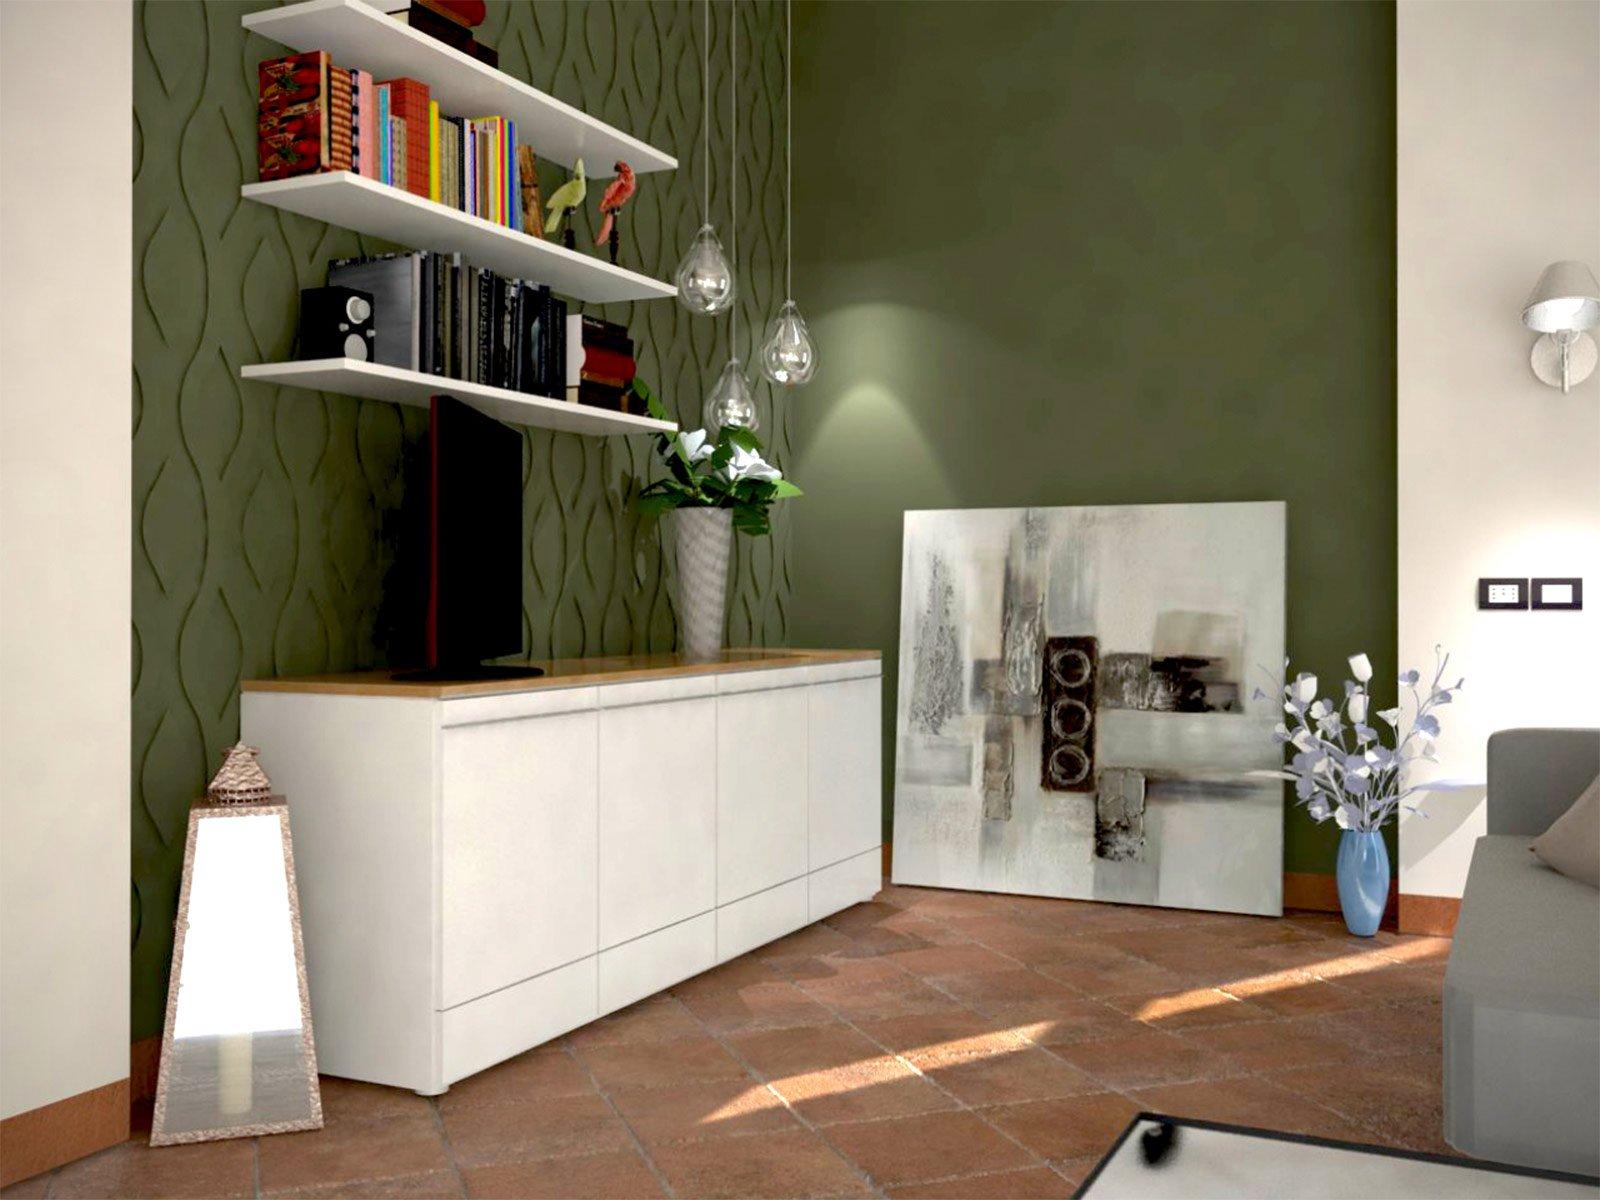 Pavimento Rosso Colore Pareti : Pavimento in cotto e arredamento moderno cose di casa